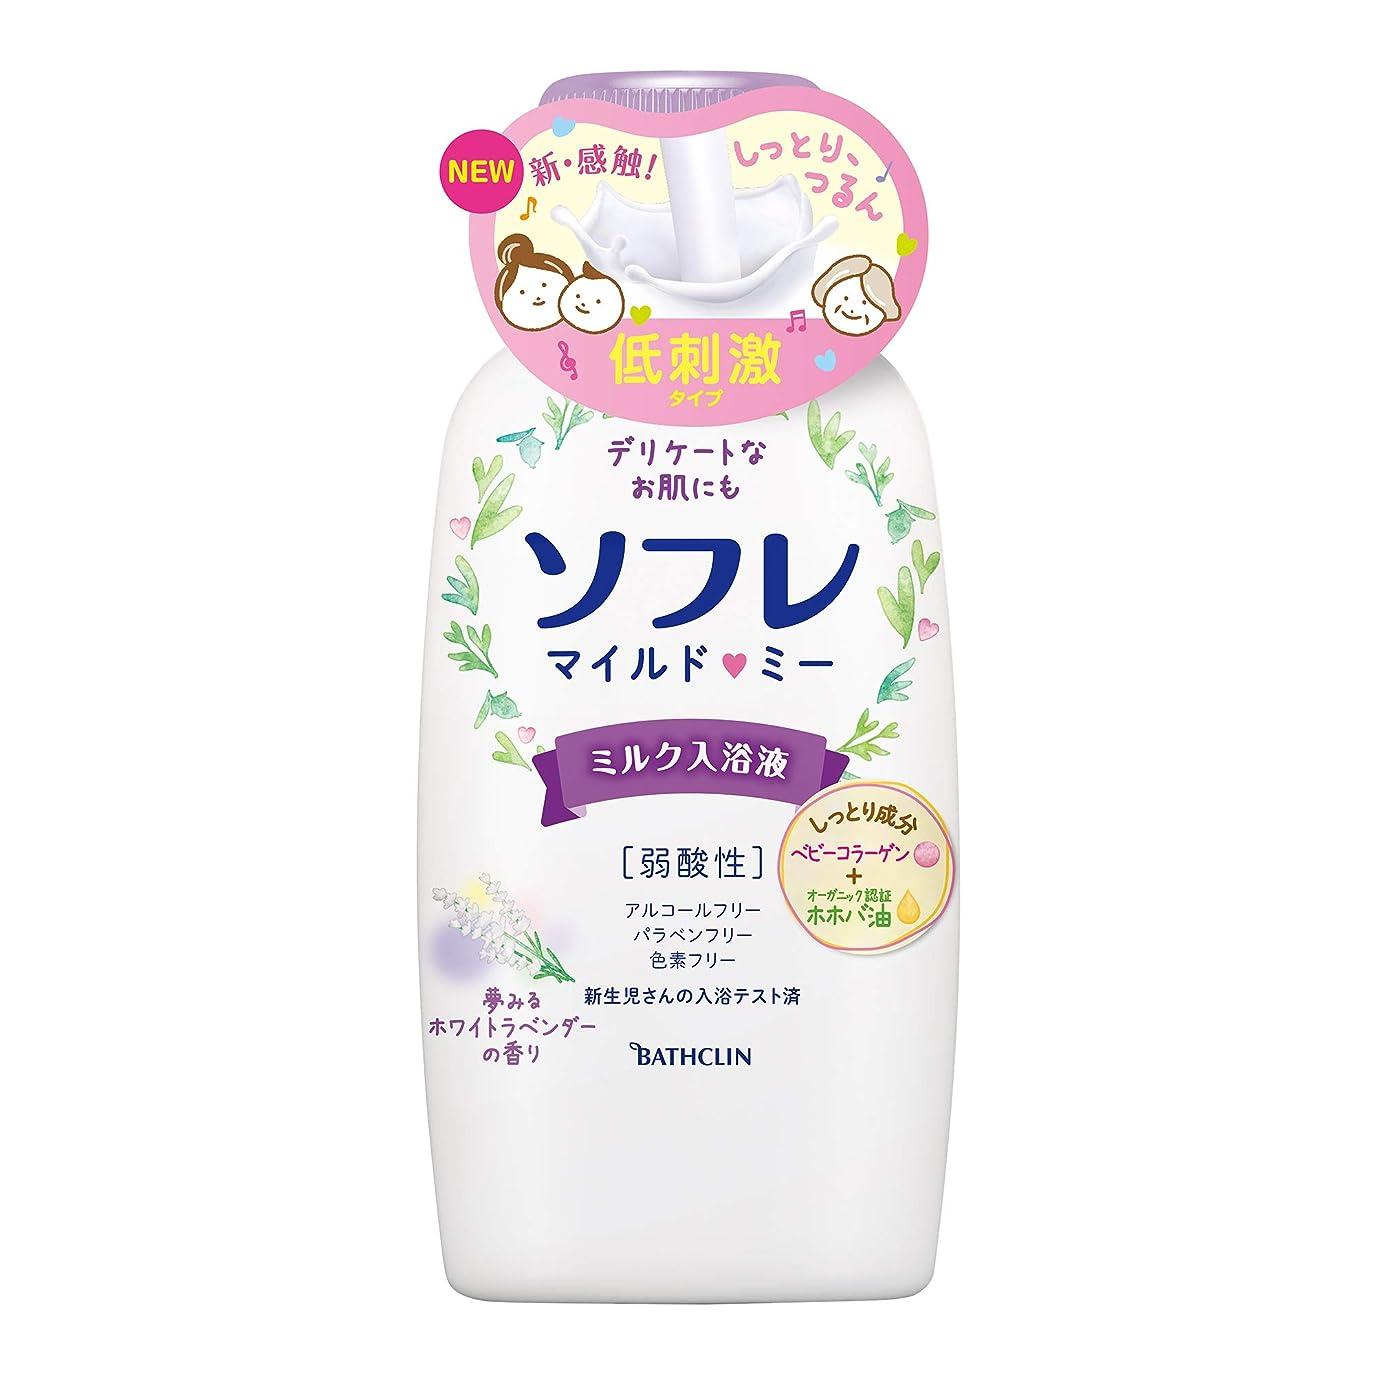 アンソロジー致死道徳のバスクリン ソフレ入浴液 マイルド?ミー ミルク 夢みるホワイトラベンダーの香り 本体720mL保湿 成分配合 赤ちゃんと一緒に使えます。